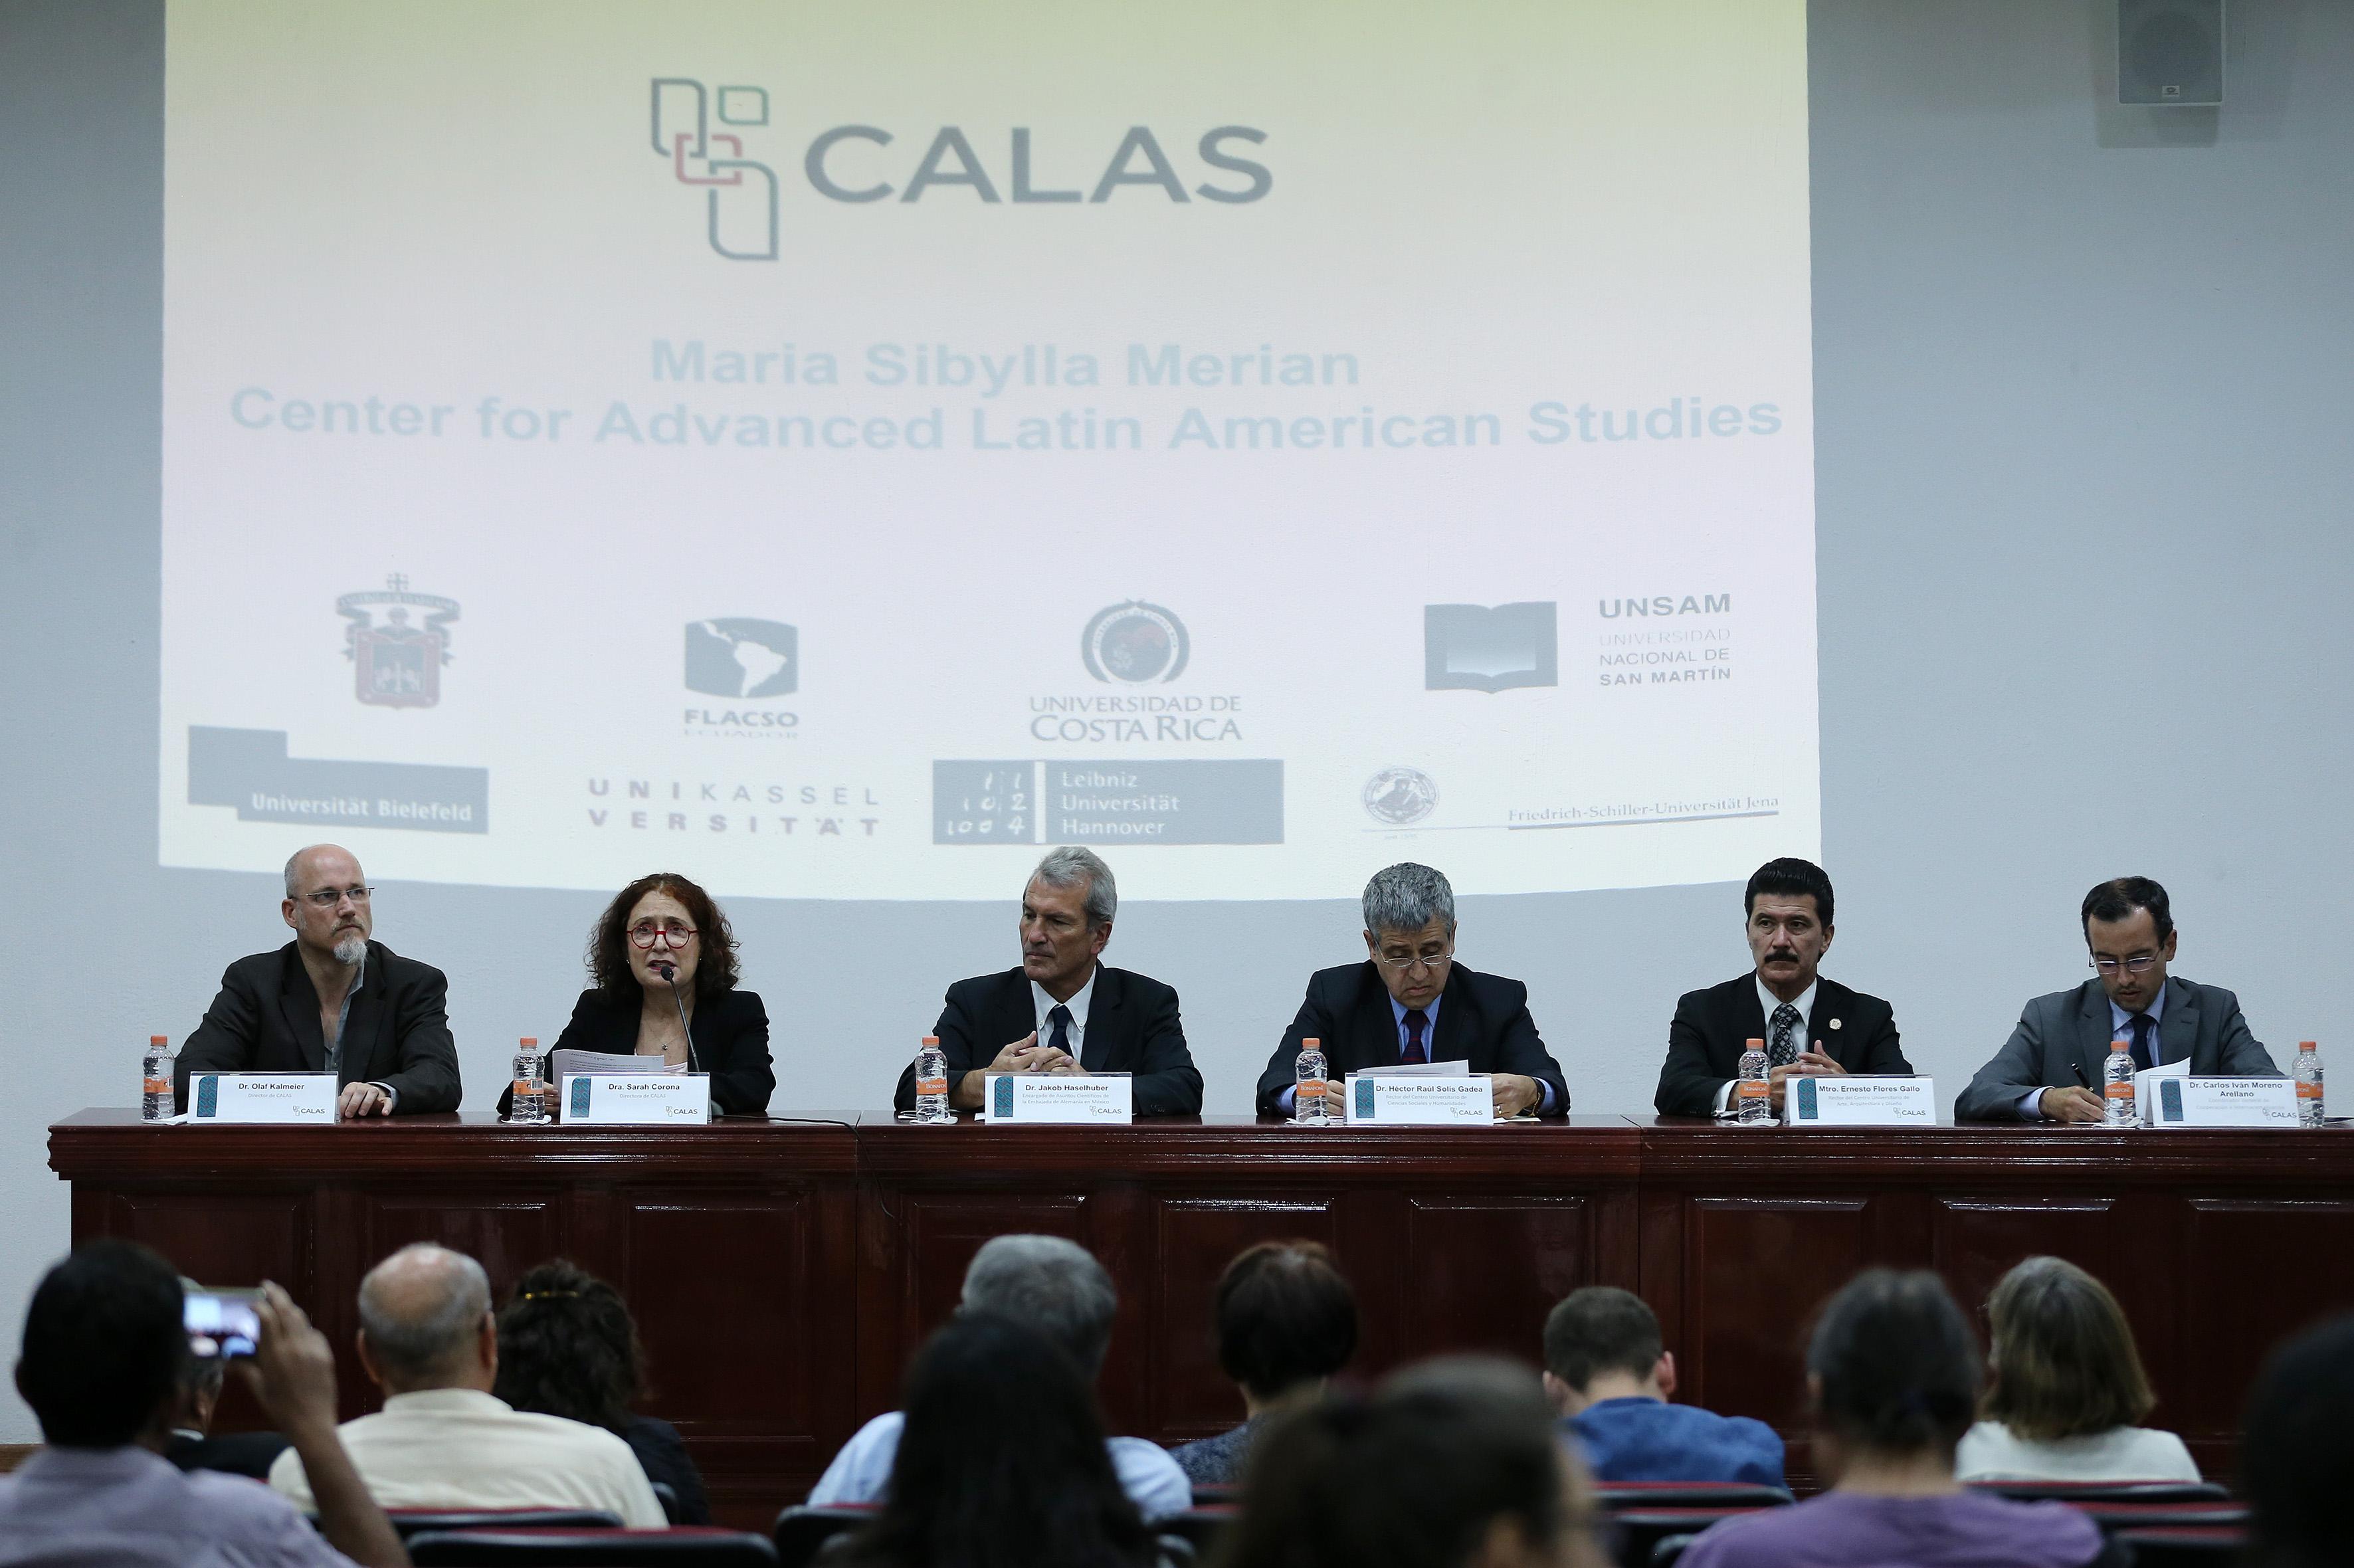 Representantes y colaboradores del Centro de Estudios Avanzados de América Latina.